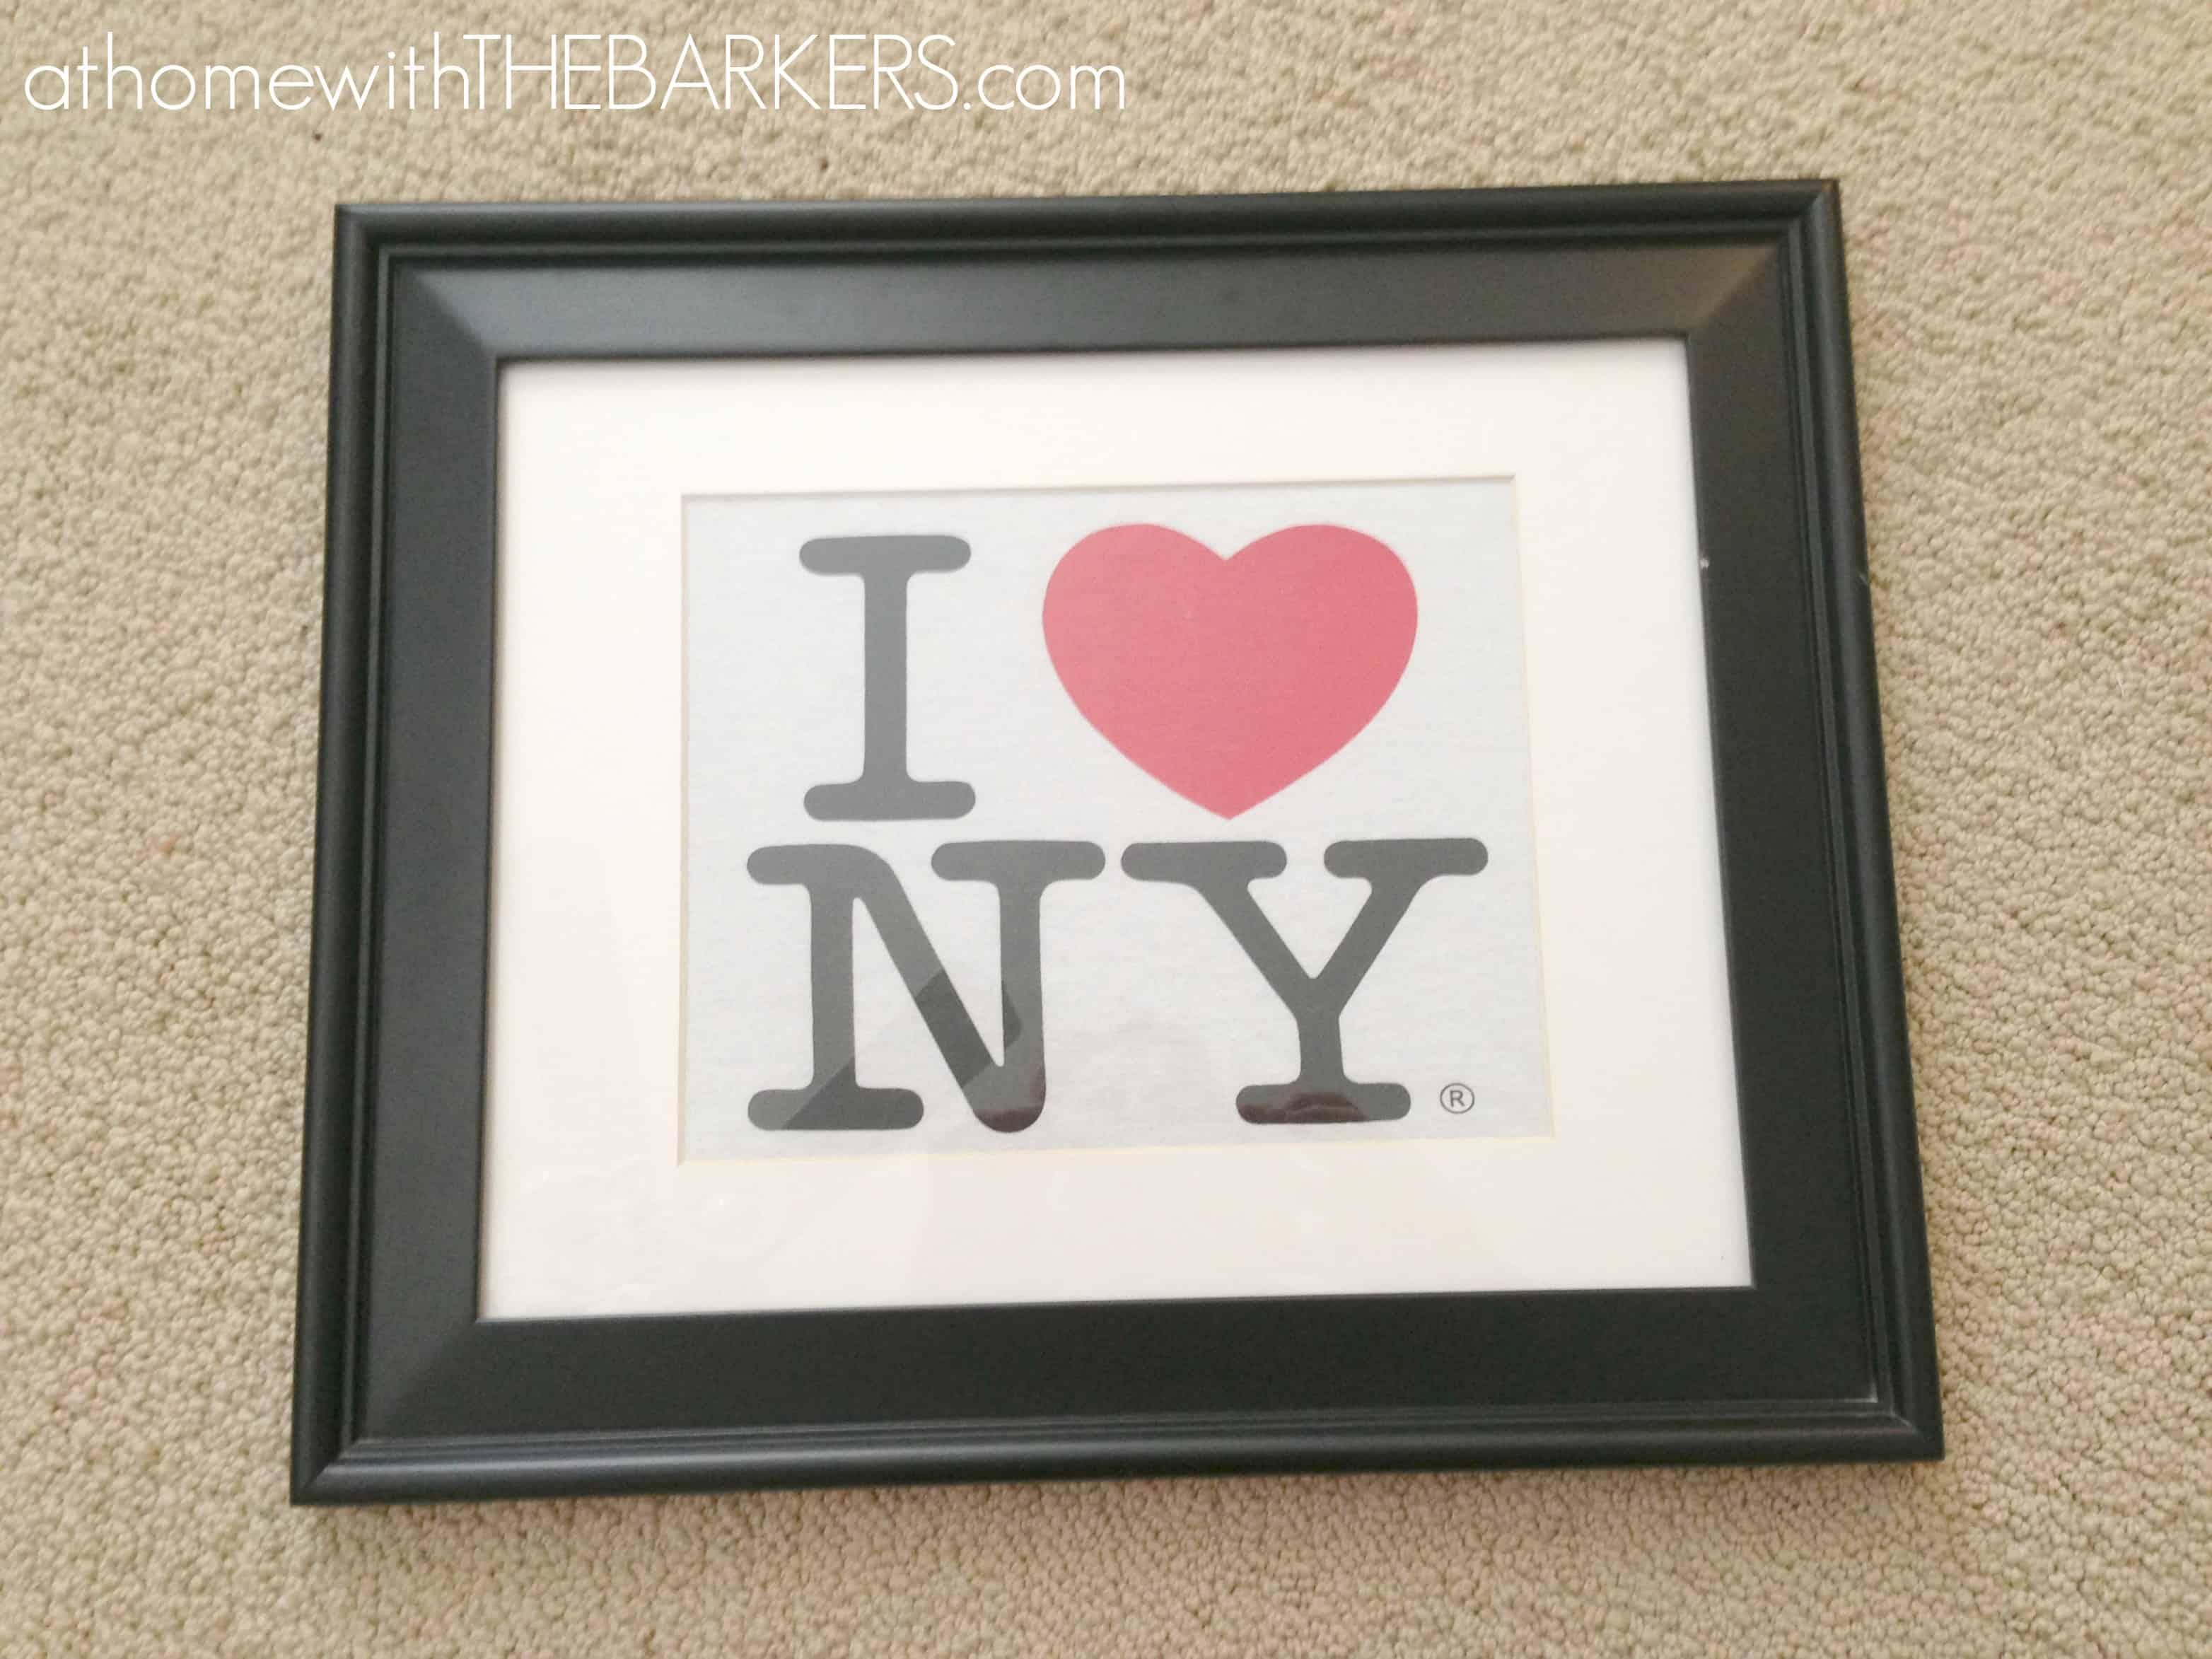 I Heart NY Artwork Tutorial